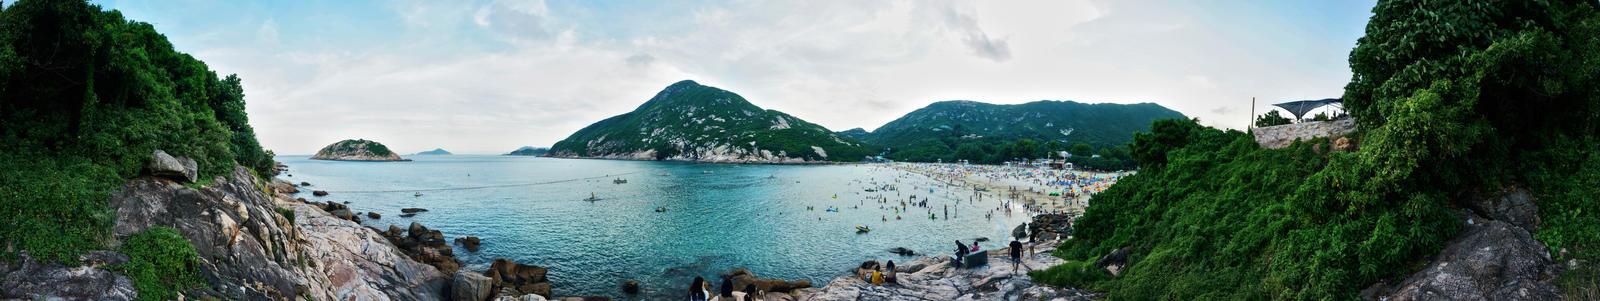 Shek O beach, Hong Kong by MaximilianYuen